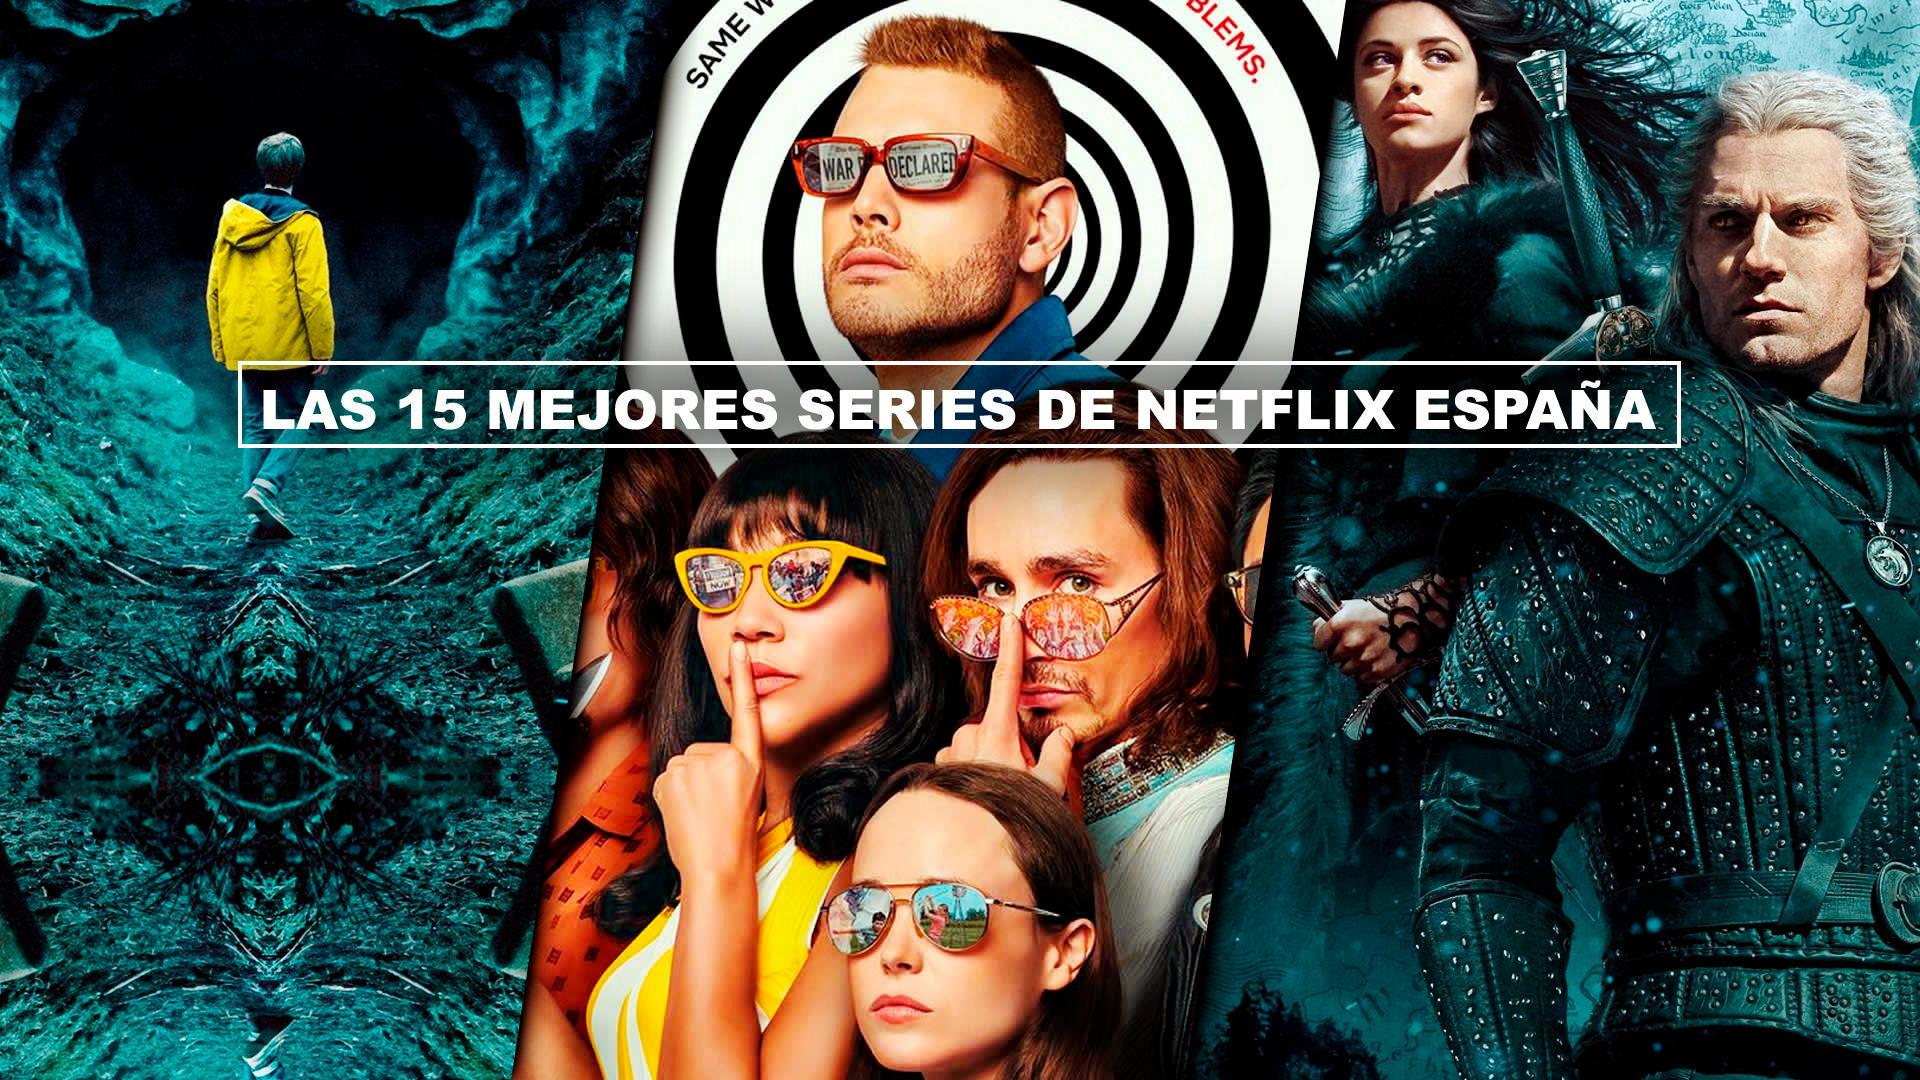 Las 15 MEJORES series de Netflix España (Actualizado, 2020) - ¡No te las pierdas!